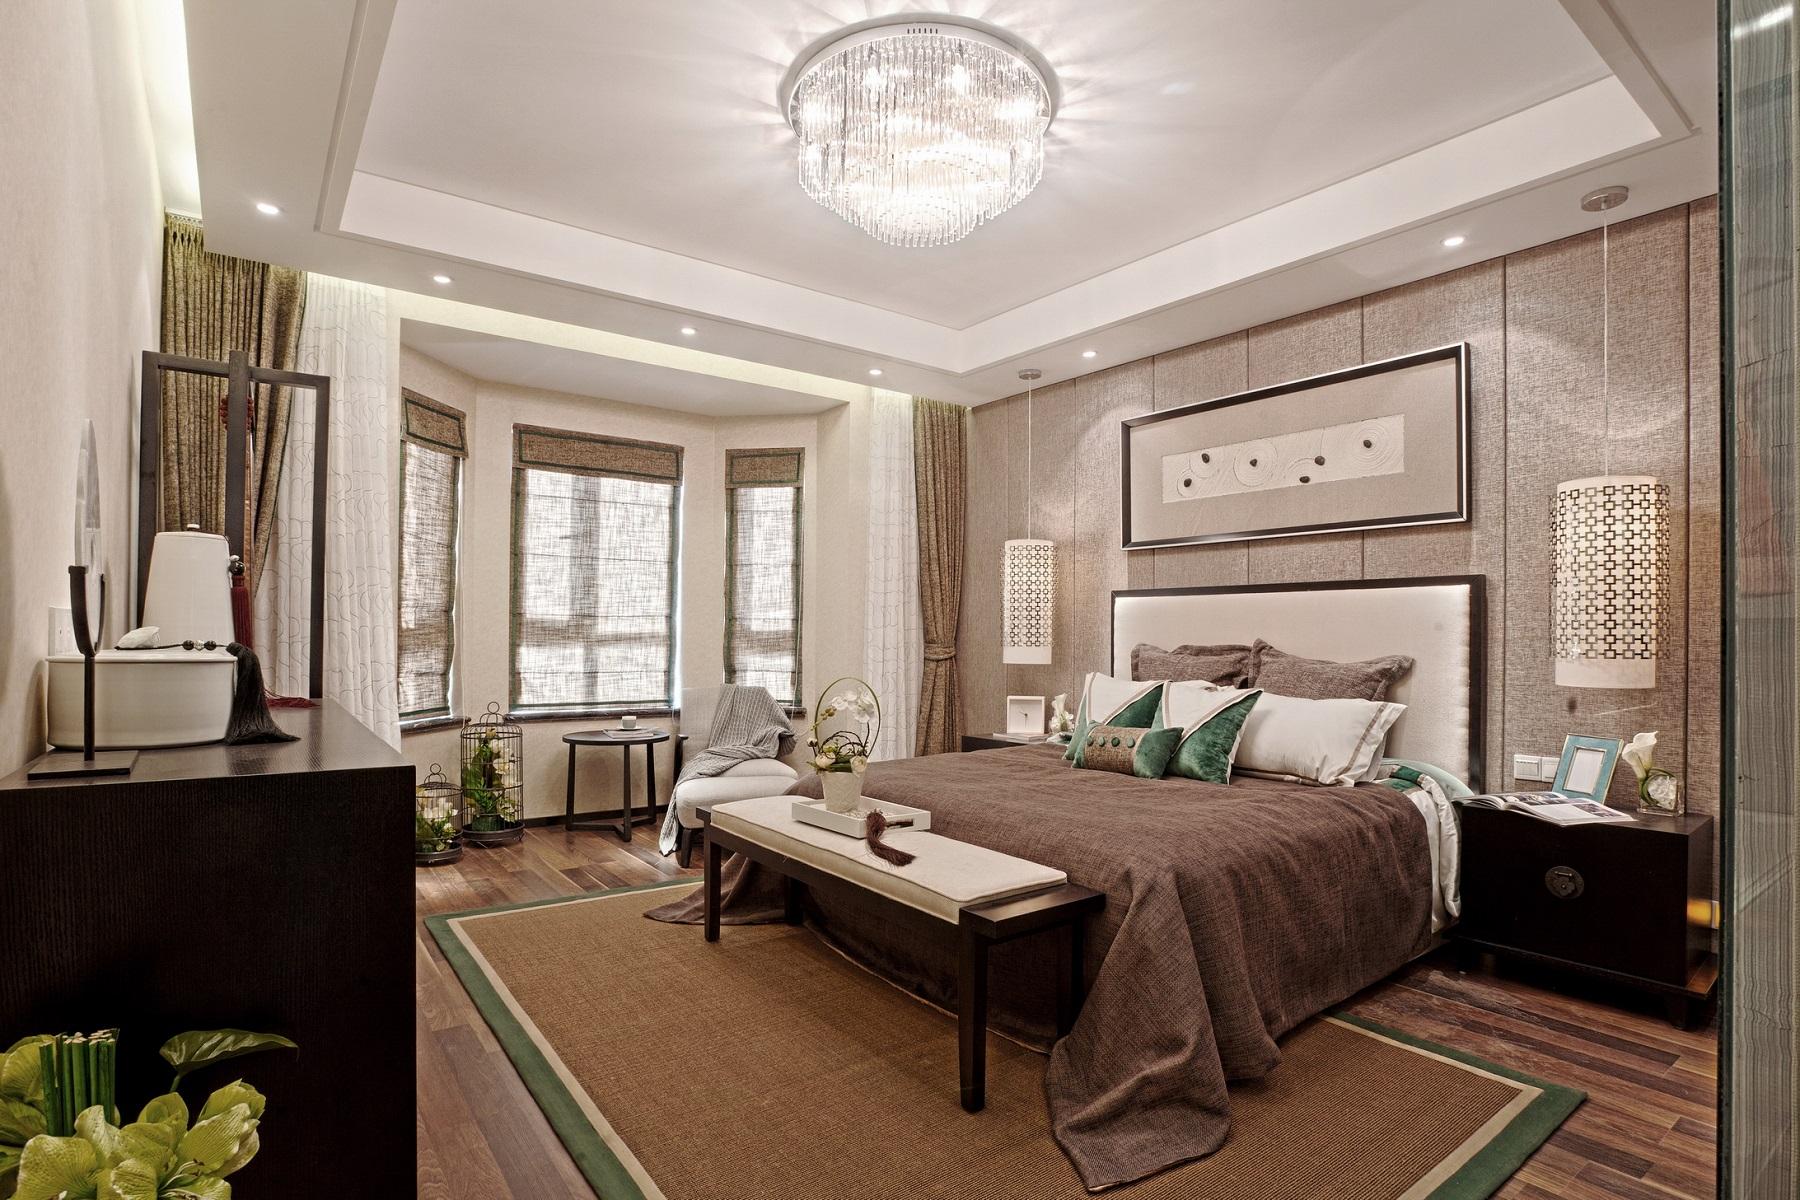 主卧整体氛围淡雅而不失厚重,在追求精致内涵的同时,注重空间居住的舒适度和实用性。